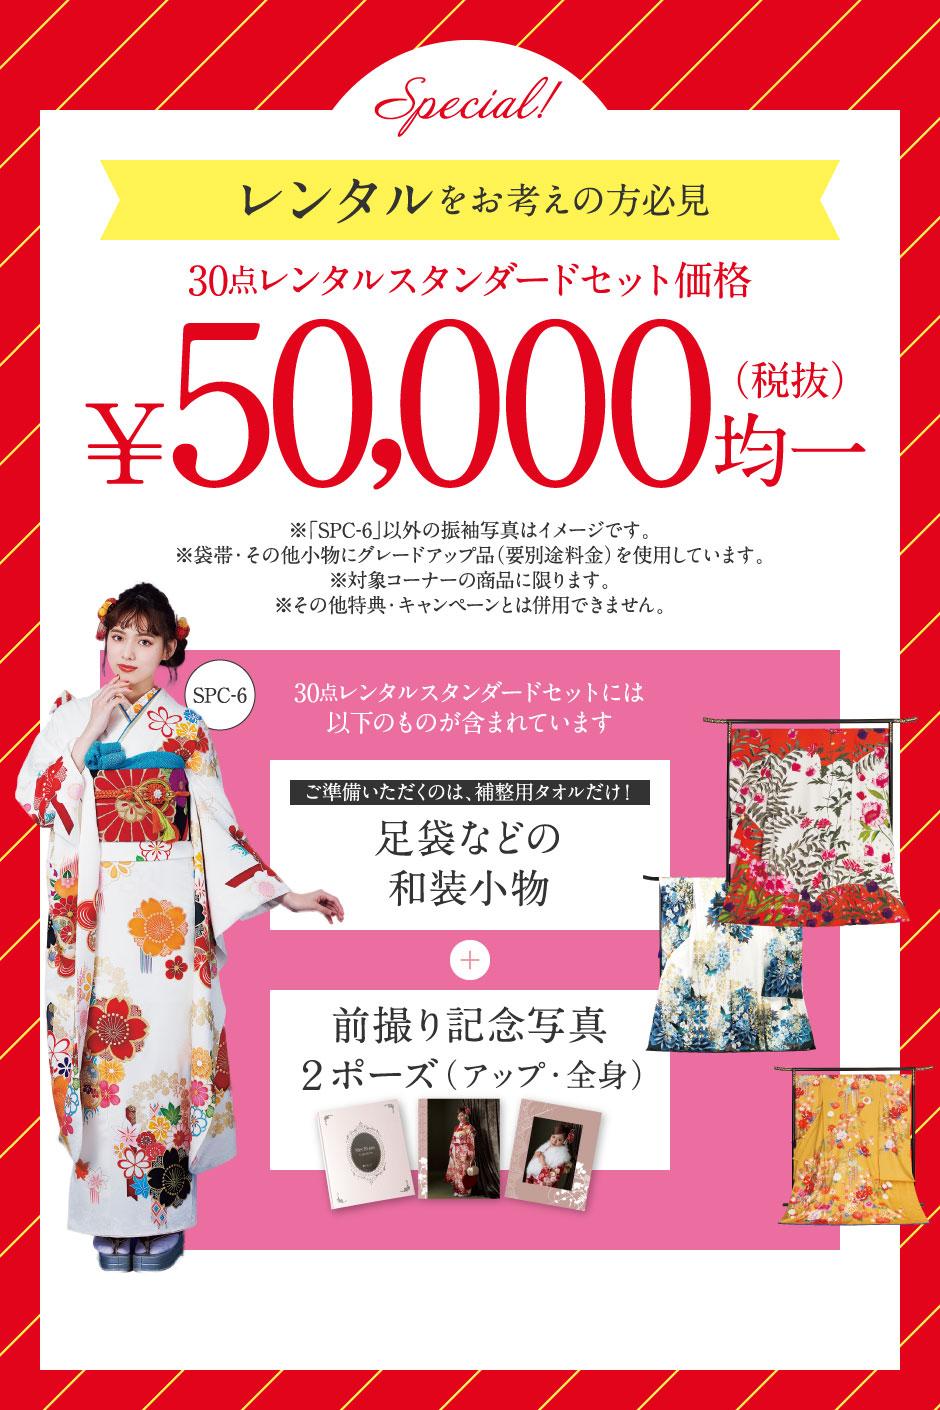 レンタル税抜¥50,000均一